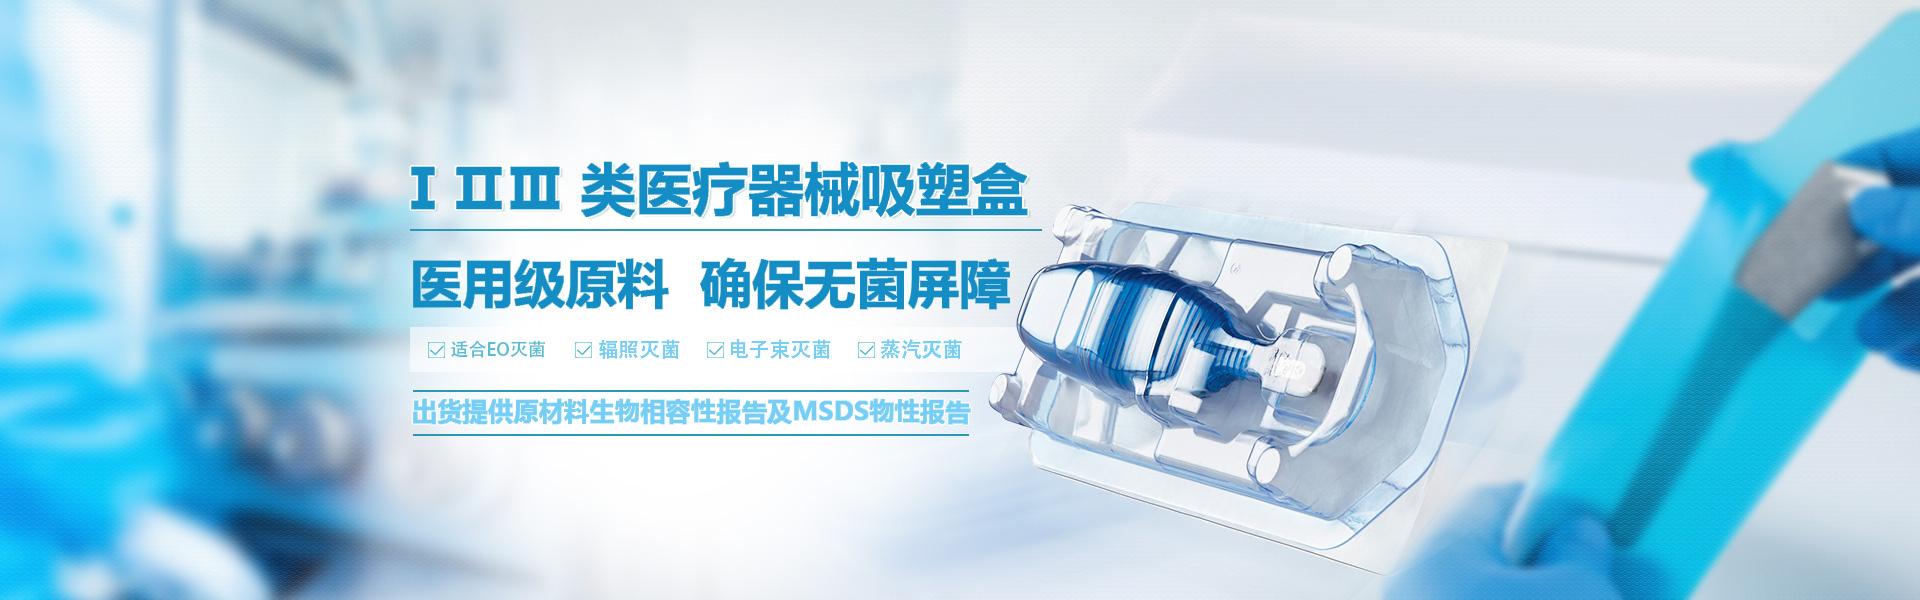 医疗吸塑包装|医疗吸塑包装-苏州创捷包装印刷有限公司